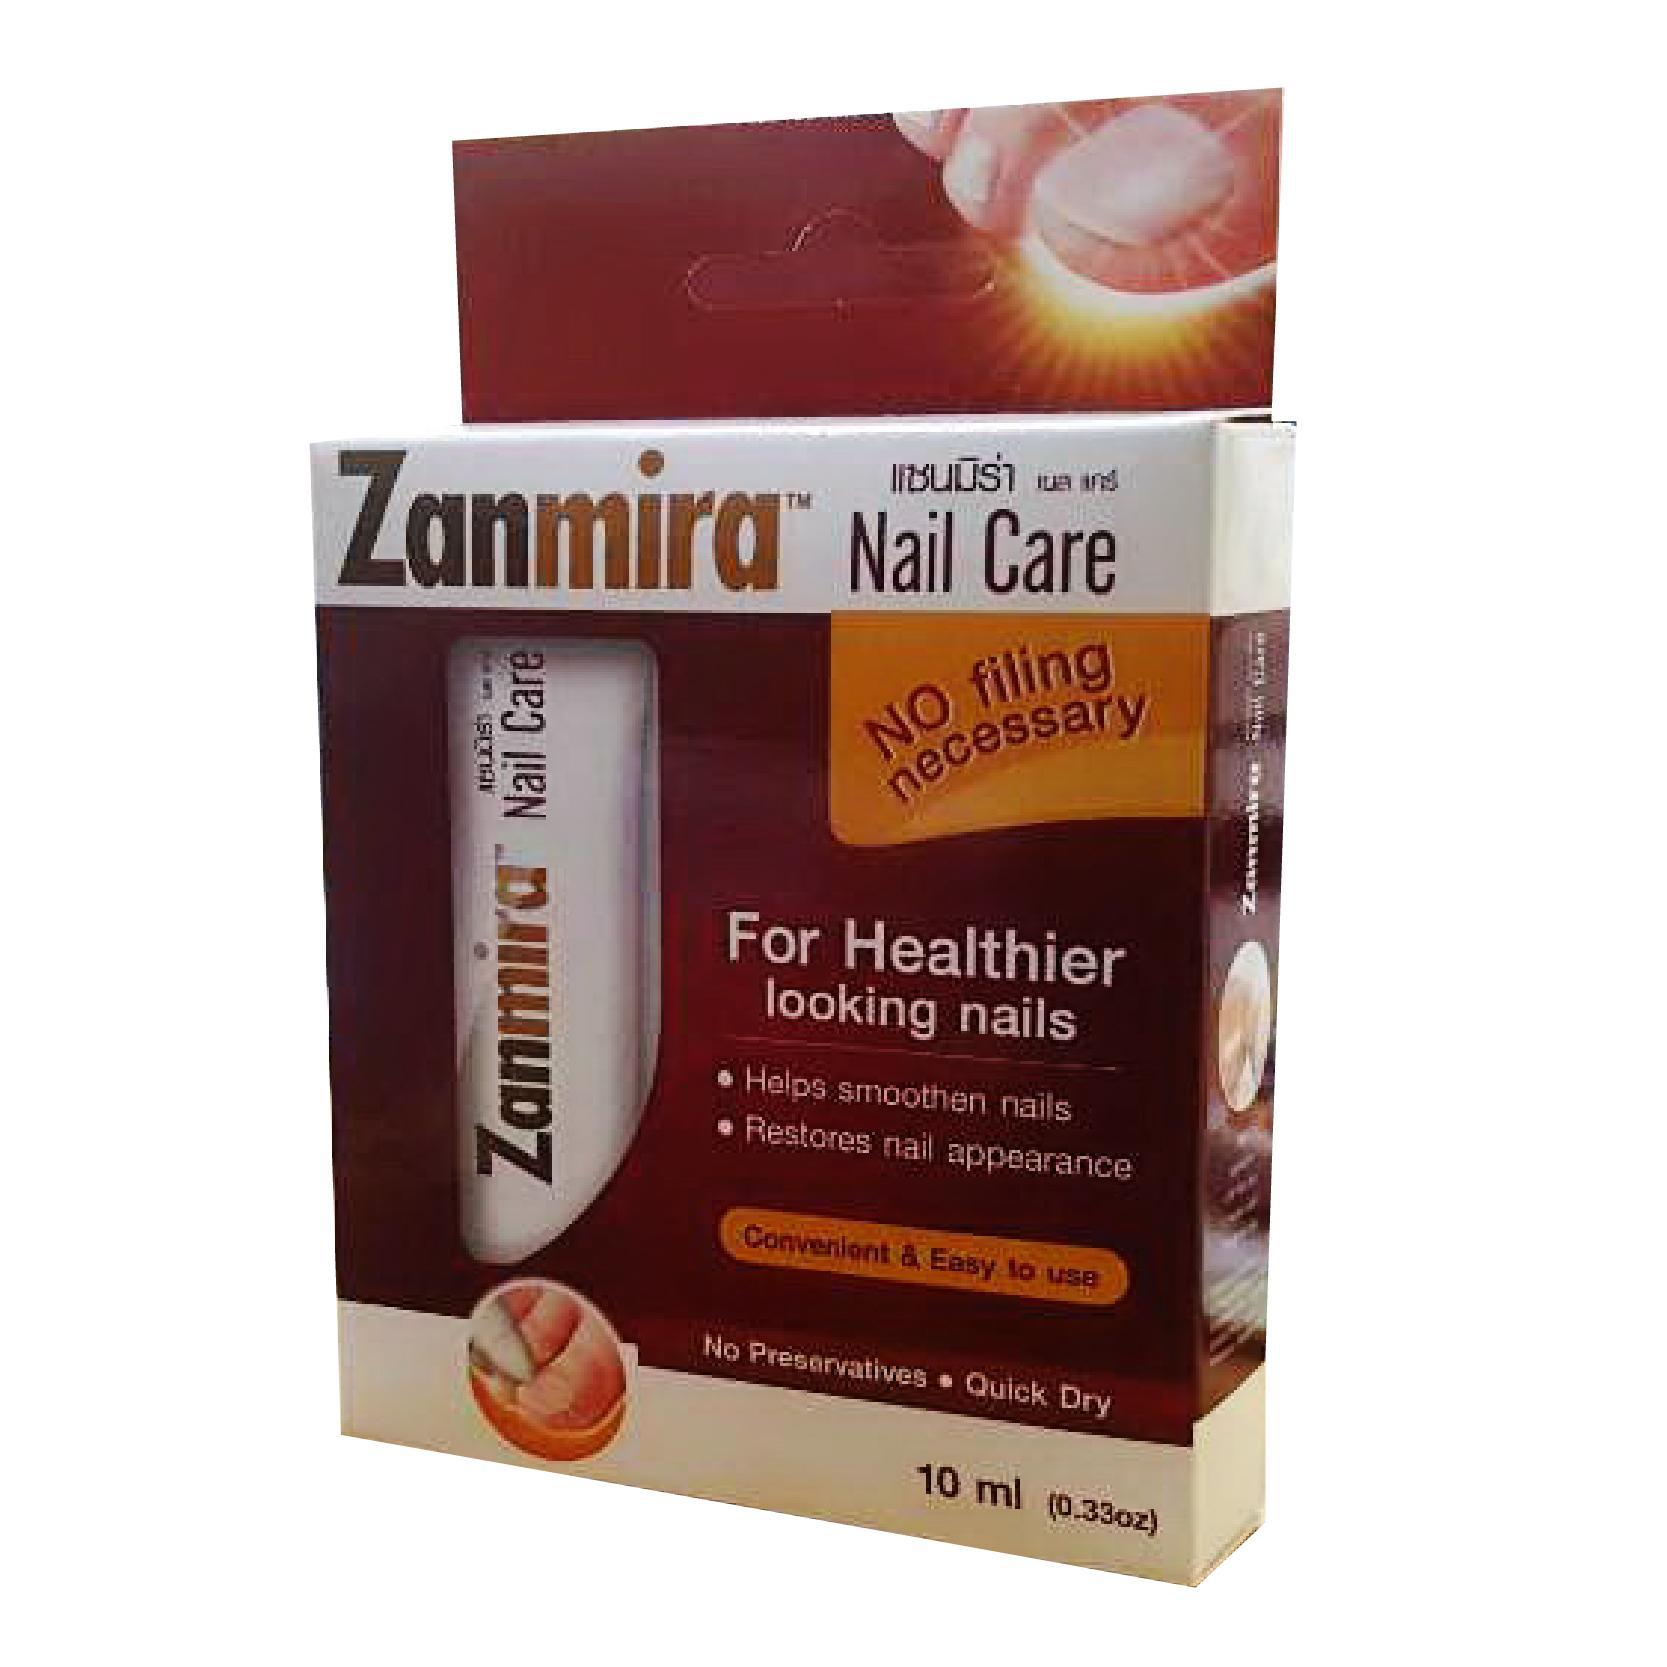 Zanmira Nail Care 10 ml